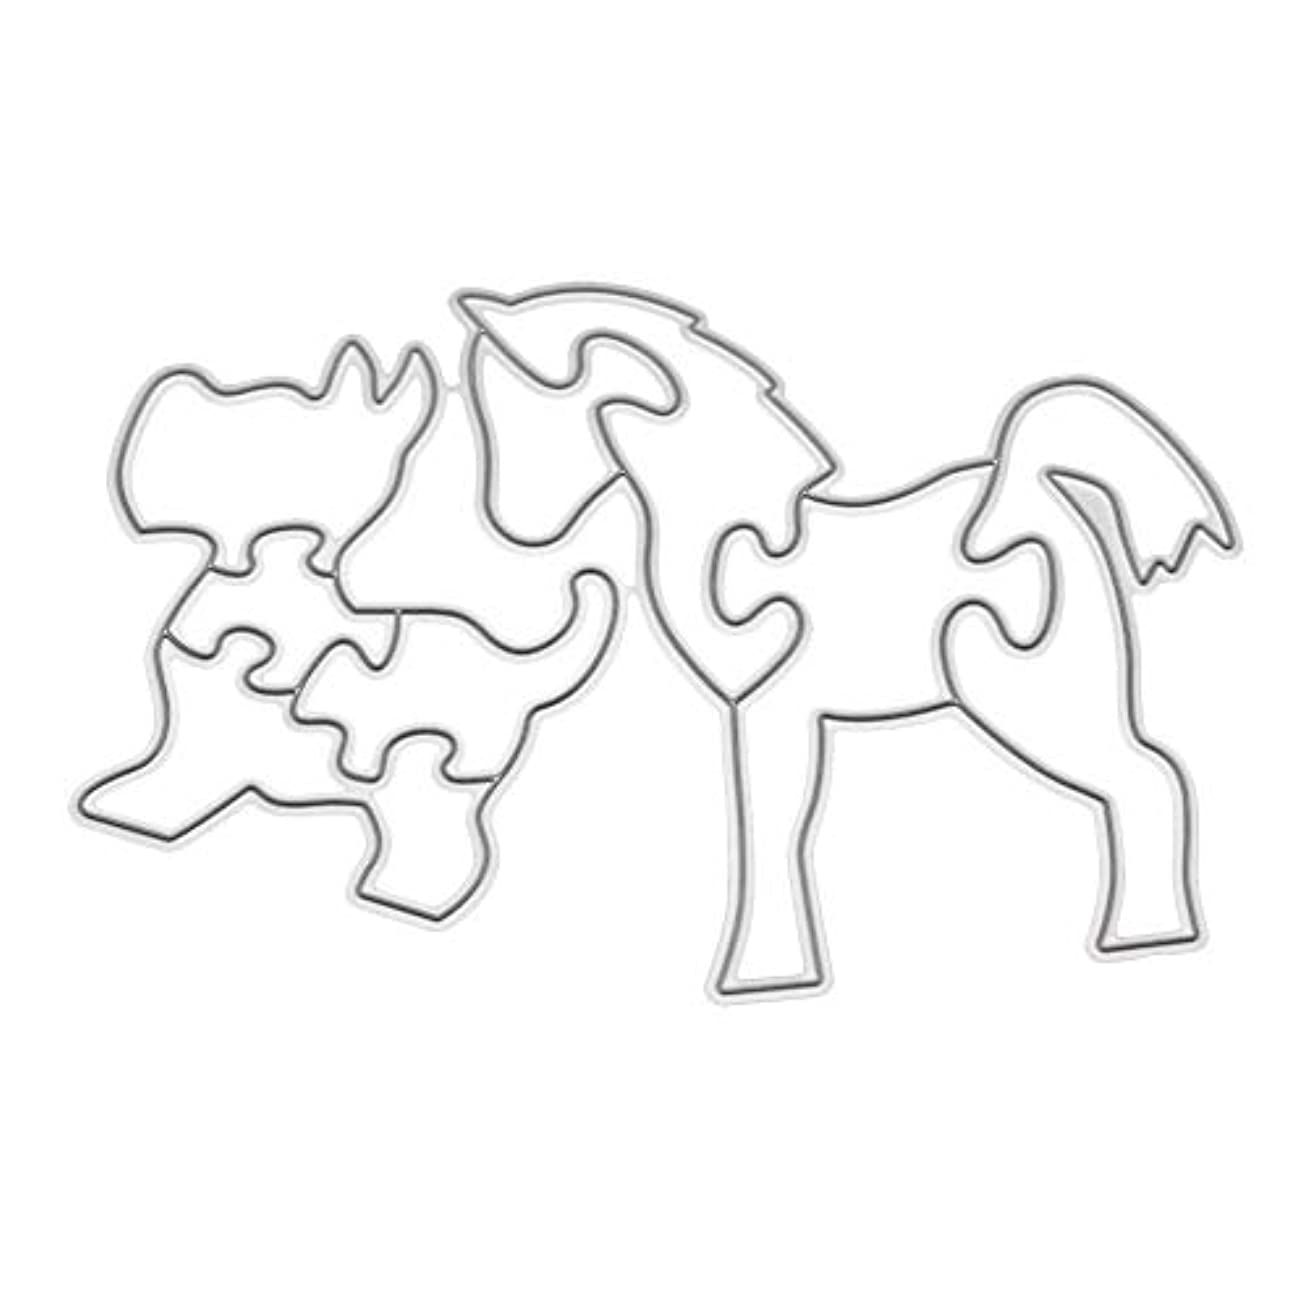 練習練習みなさんhamulekfae-可愛い素敵上品クリエイティブパズル犬&馬エンボスステンシルカードスクラップブックDIYカッティングダイ - シルバー